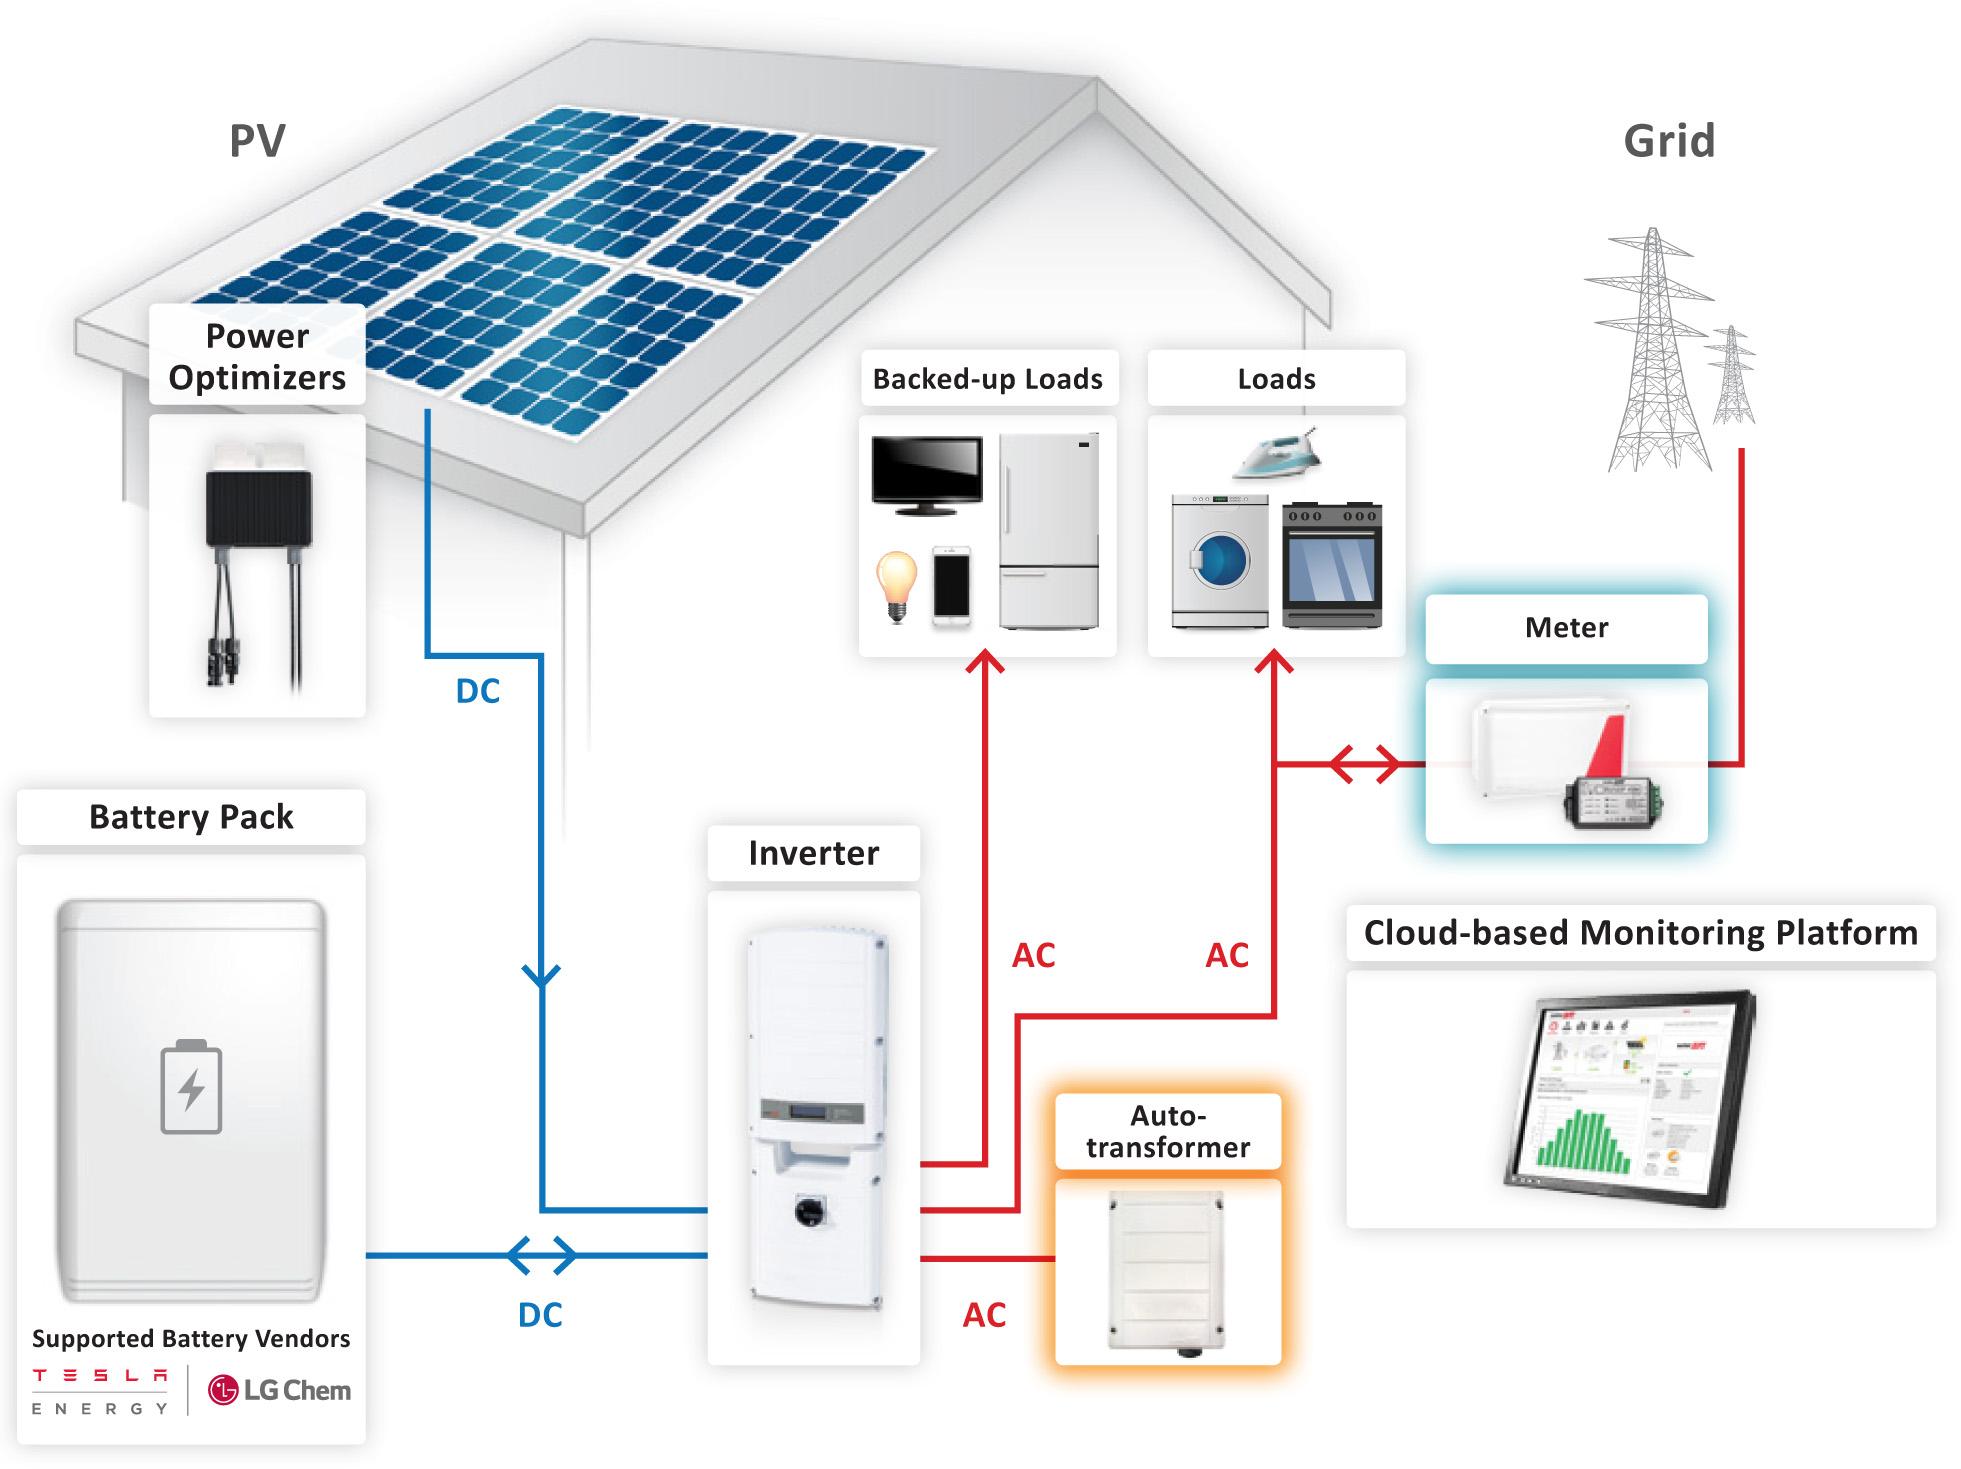 Solaredge Storedge 7 6kw Inverter Battery Backup